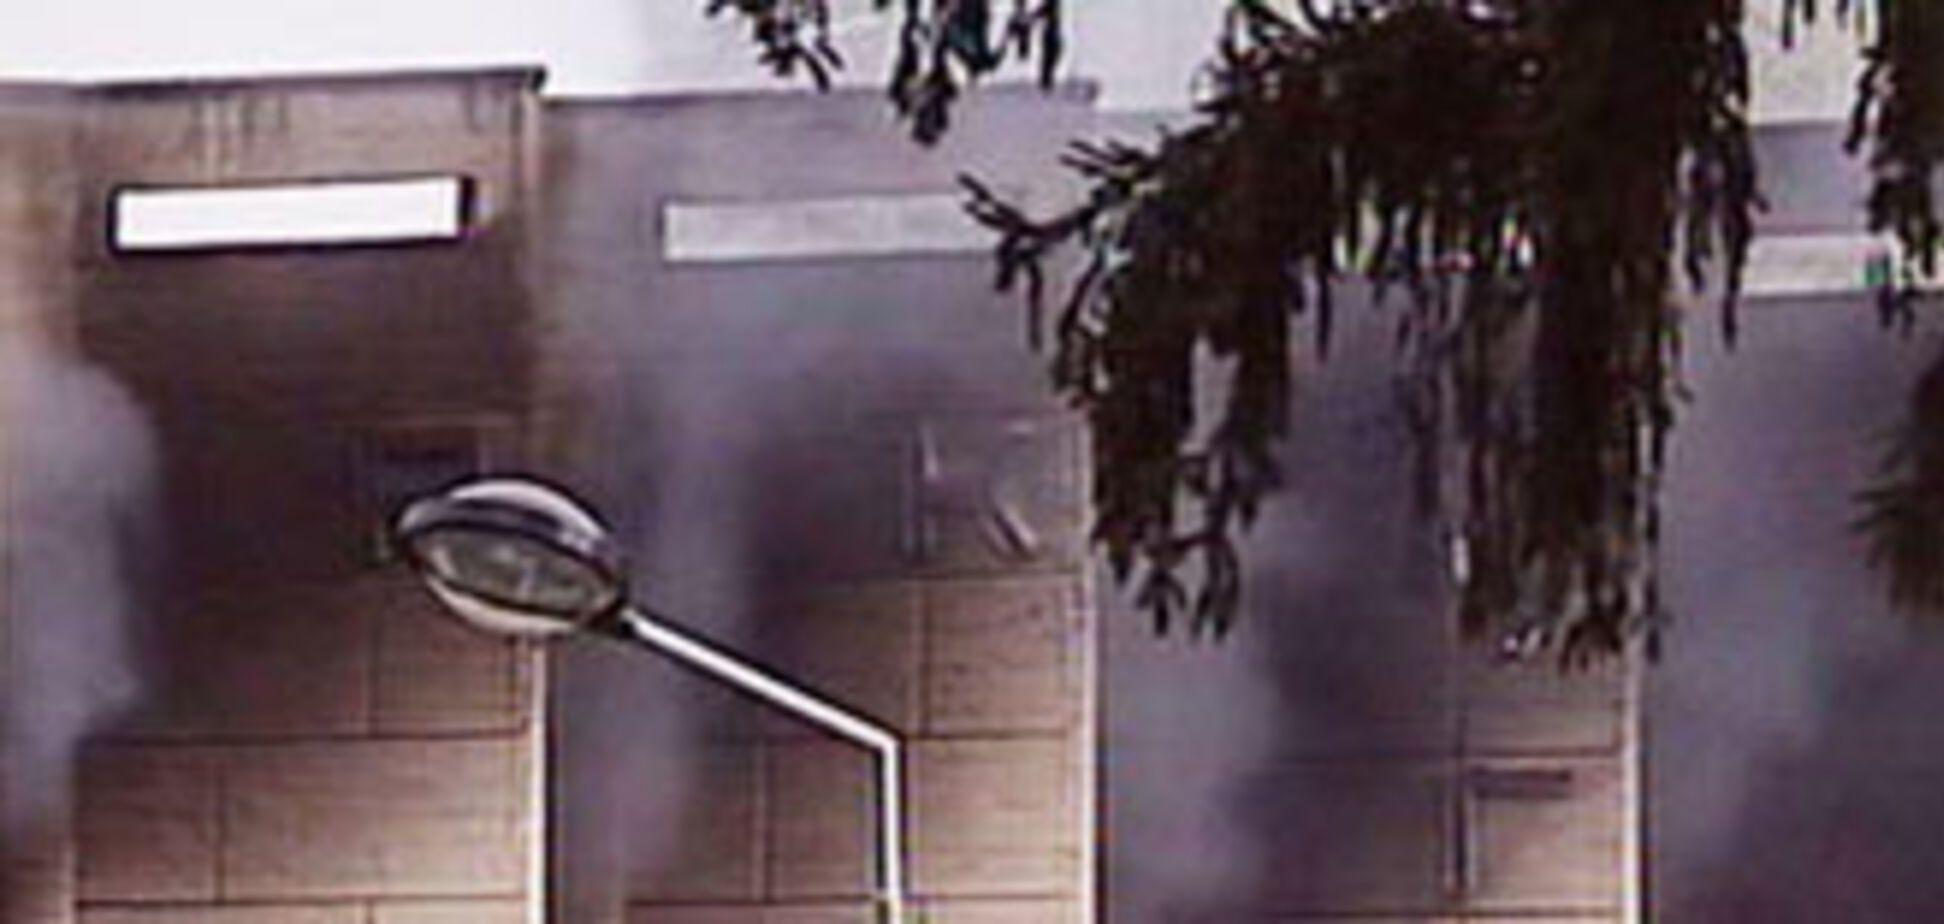 Біля підірваної Баксанській ГЕС знайшли склад з вибухівкою